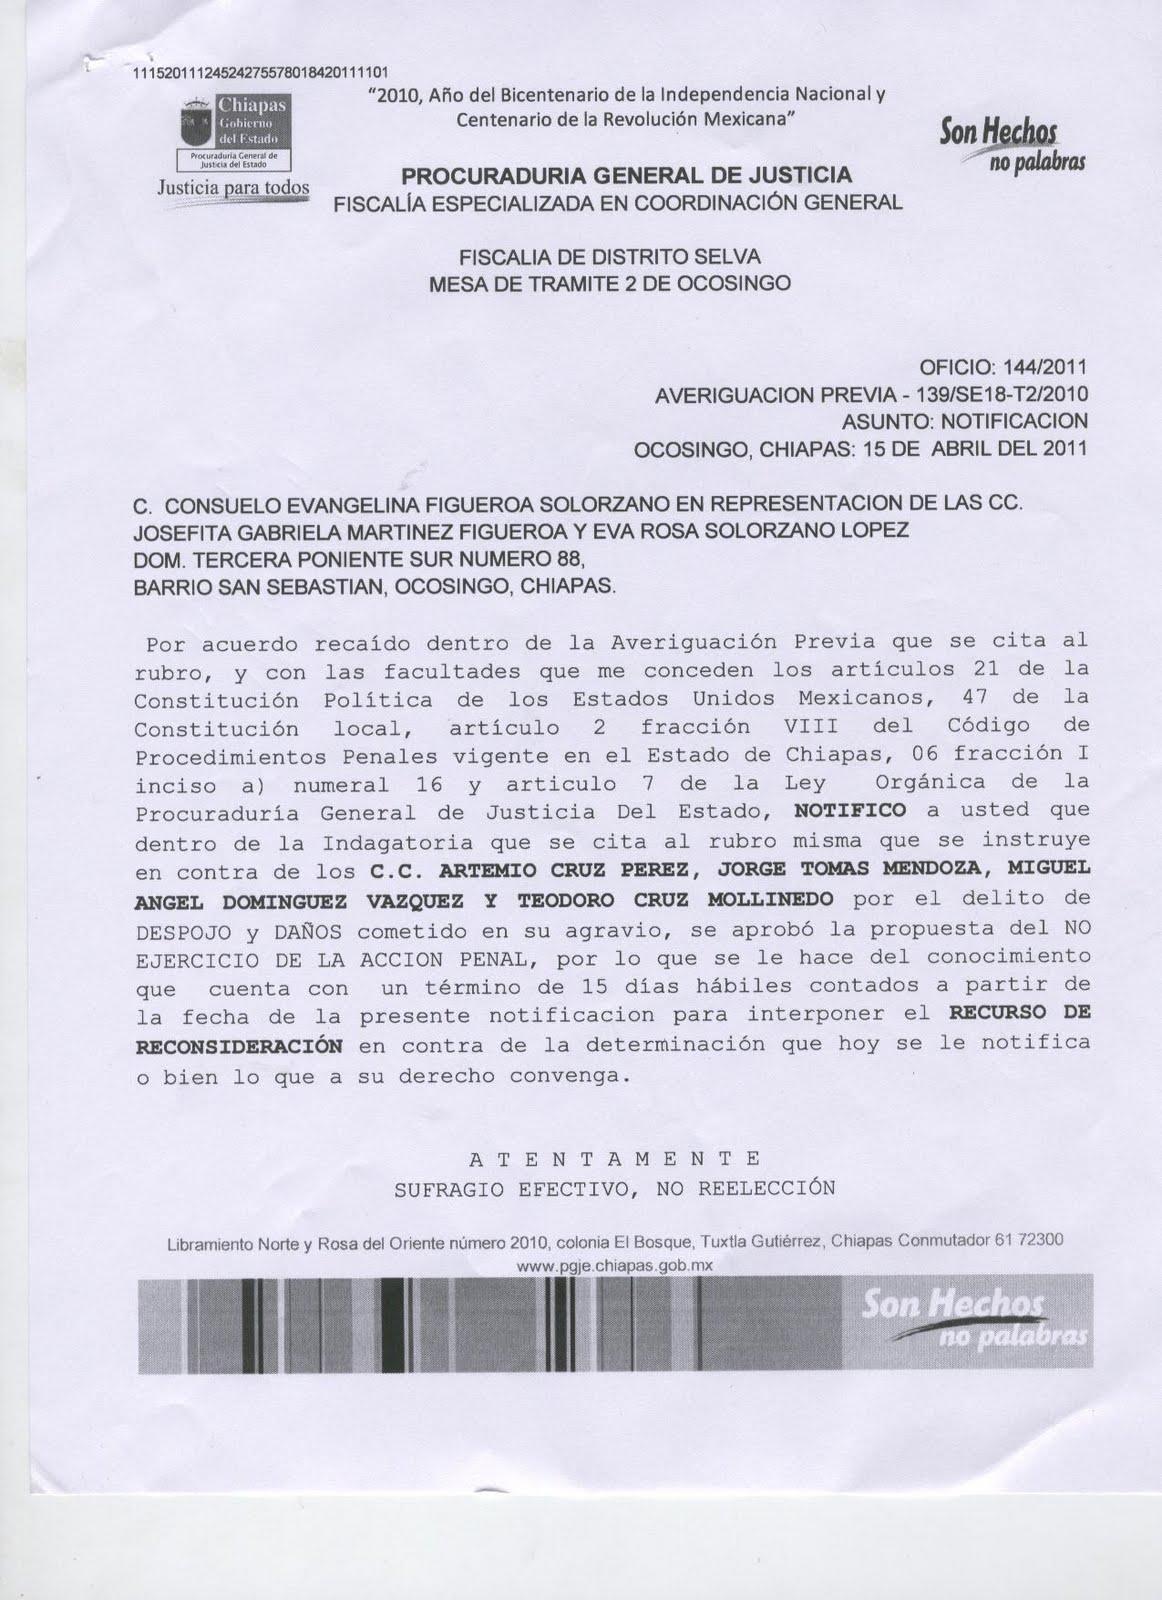 Violentan derechos de 3 mujeres chiapanecas en ocosingo for Donde queda el ministerio de interior y justicia